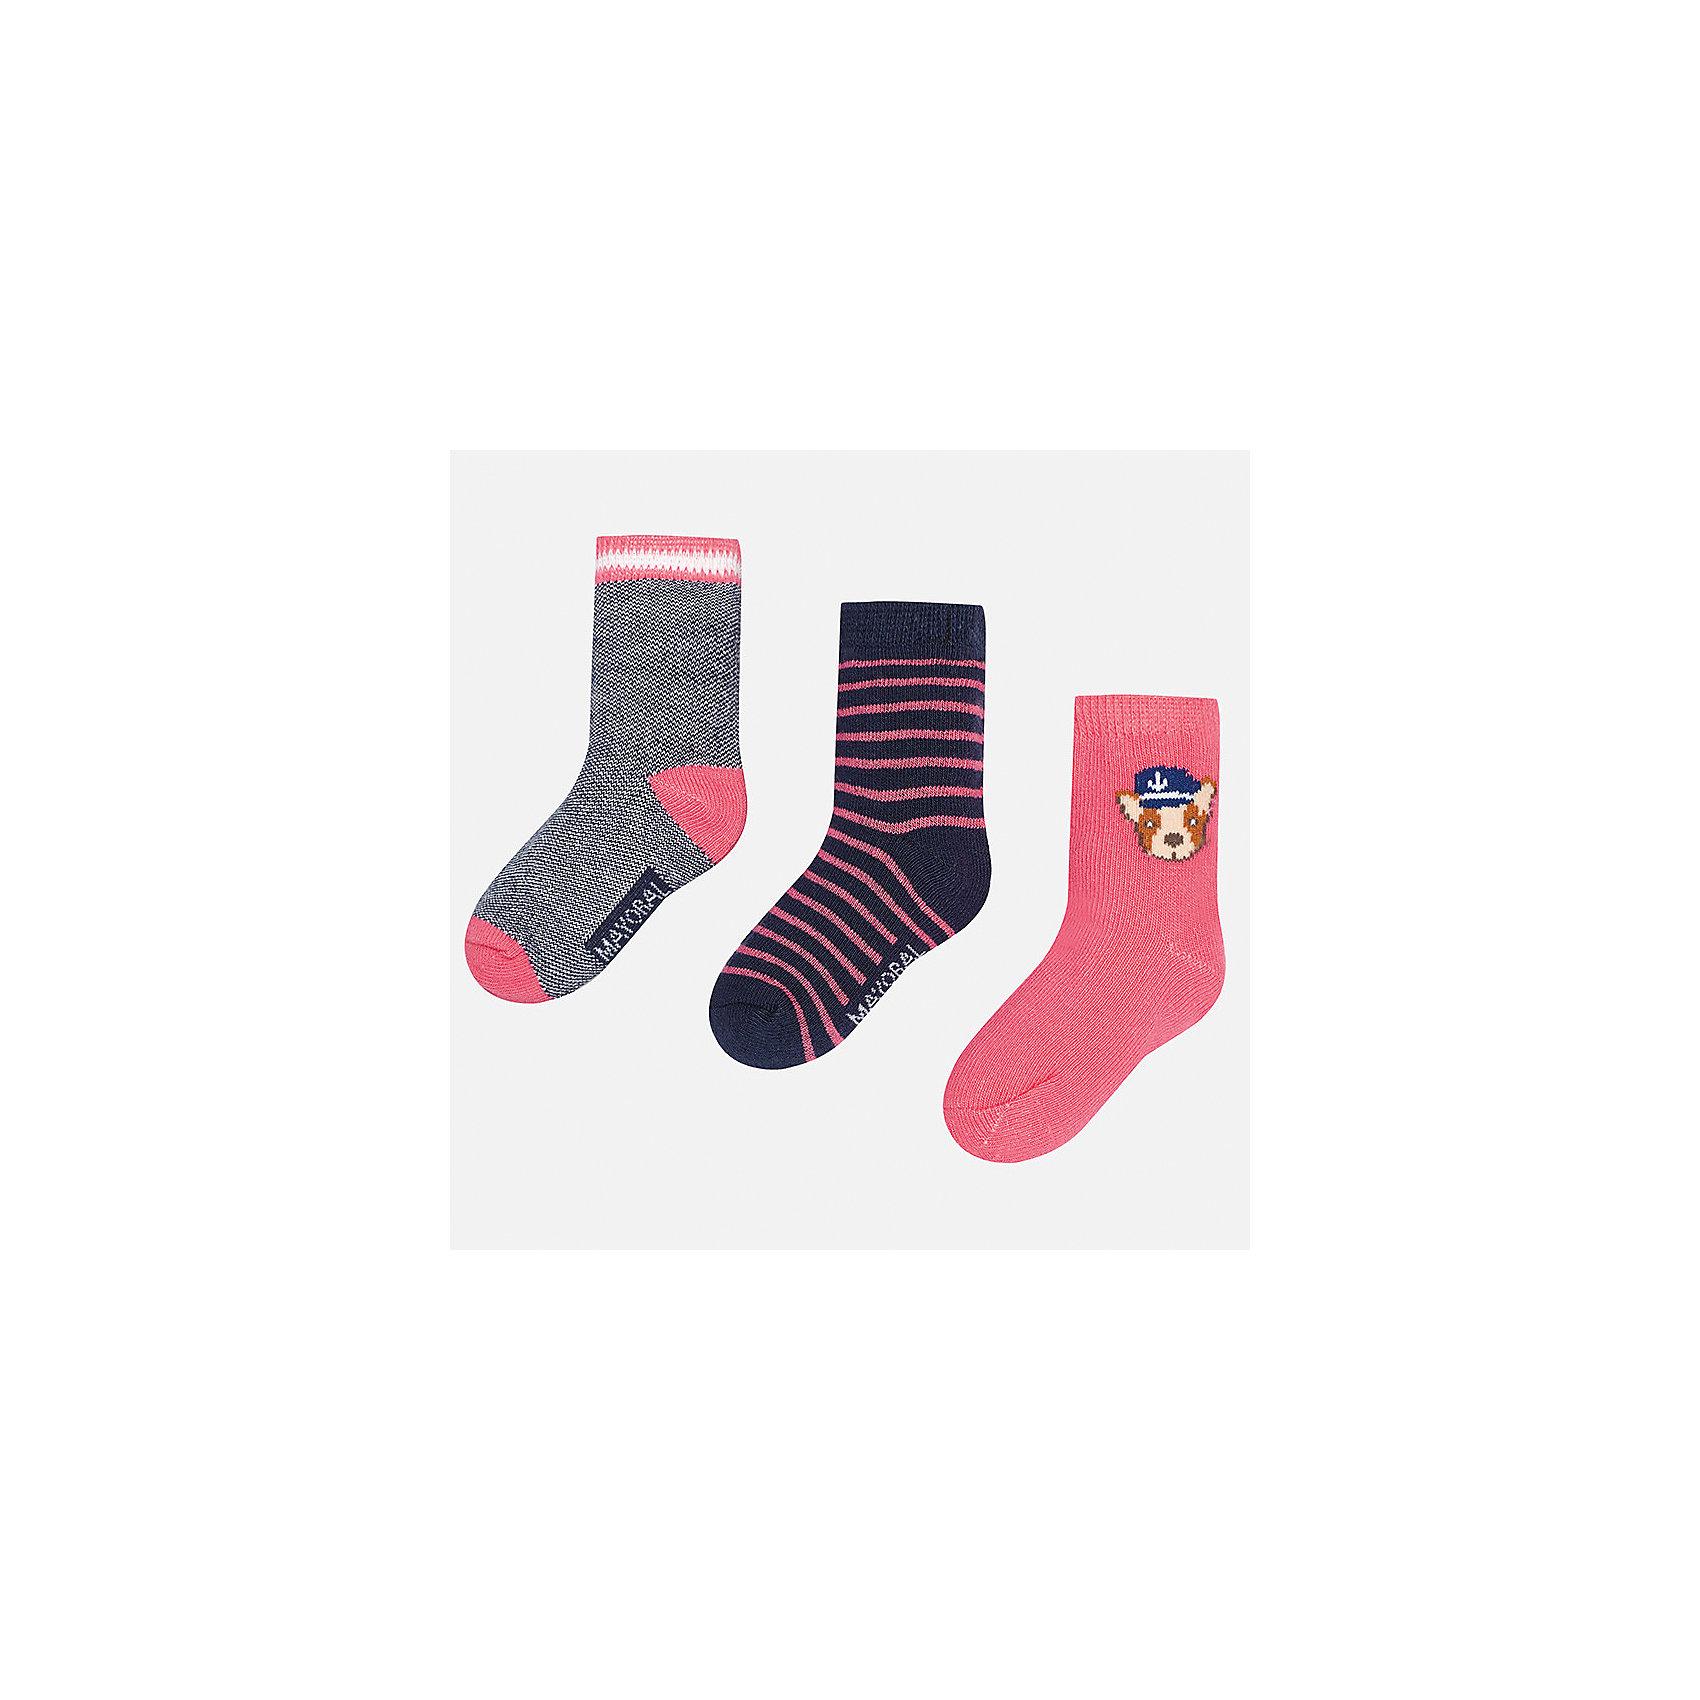 Носки (3 пары) для мальчика MayoralНоски<br>Характеристики товара:<br><br>• цвет: серый/синий/розовый<br>• состав: 78% хлопок, 20% полиамид, 2% эластан<br>• комплектация: три пары<br>• мягкая резинка<br>• эластичный материал<br>• декорированы рисунком<br>• страна бренда: Испания<br><br>Удобные симпатичные носки для мальчика помогут обеспечить ребенку комфорт и дополнить наряд. Универсальный цвет позволяет надевать их под обувь разных расцветок. Носки удобно сидят на ноге и аккуратно смотрятся. Этот комплект - практичный и красивый! В составе материала - натуральный хлопок, гипоаллергенный, приятный на ощупь, дышащий. <br><br>Одежда, обувь и аксессуары от испанского бренда Mayoral полюбились детям и взрослым по всему миру. Модели этой марки - стильные и удобные. Для их производства используются только безопасные, качественные материалы и фурнитура. Порадуйте ребенка модными и красивыми вещами от Mayoral! <br><br>Носки (3 пары) для мальчика от испанского бренда Mayoral (Майорал) можно купить в нашем интернет-магазине.<br><br>Ширина мм: 87<br>Глубина мм: 10<br>Высота мм: 105<br>Вес г: 115<br>Цвет: разноцветный<br>Возраст от месяцев: 12<br>Возраст до месяцев: 24<br>Пол: Мужской<br>Возраст: Детский<br>Размер: 2,1<br>SKU: 5294226